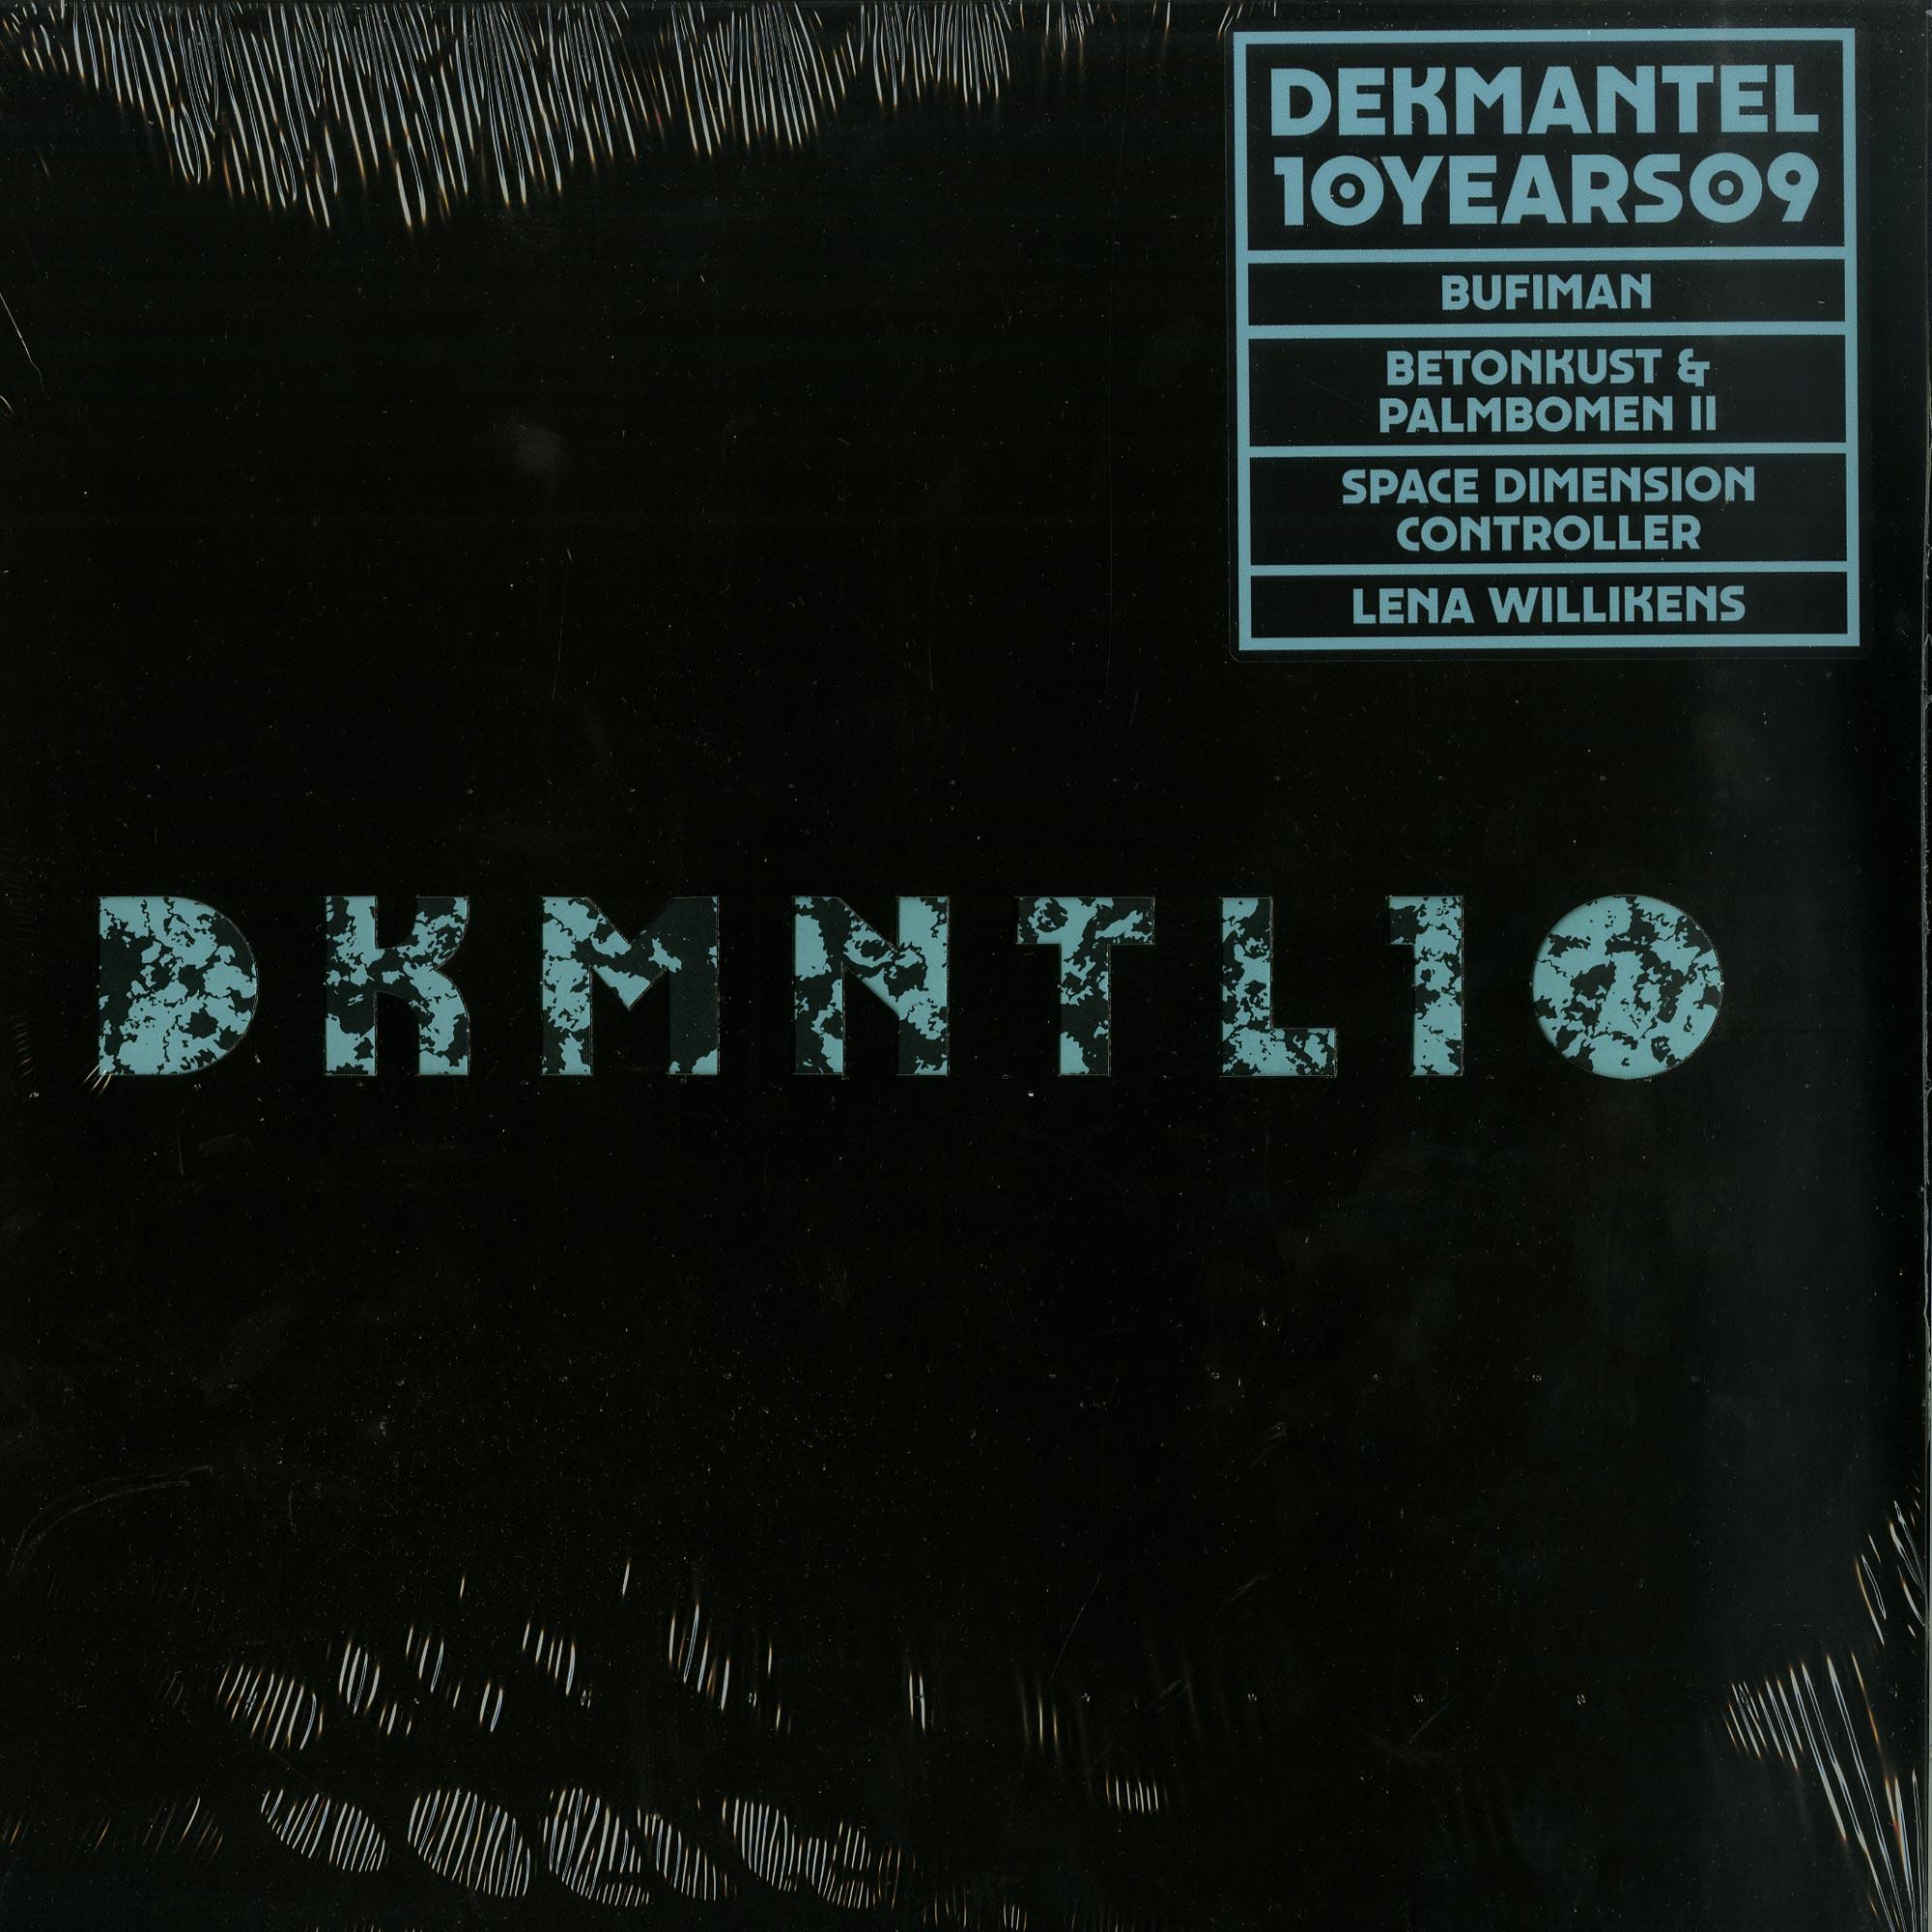 Various Artists - DEKMANTEL 10 YEARS 09